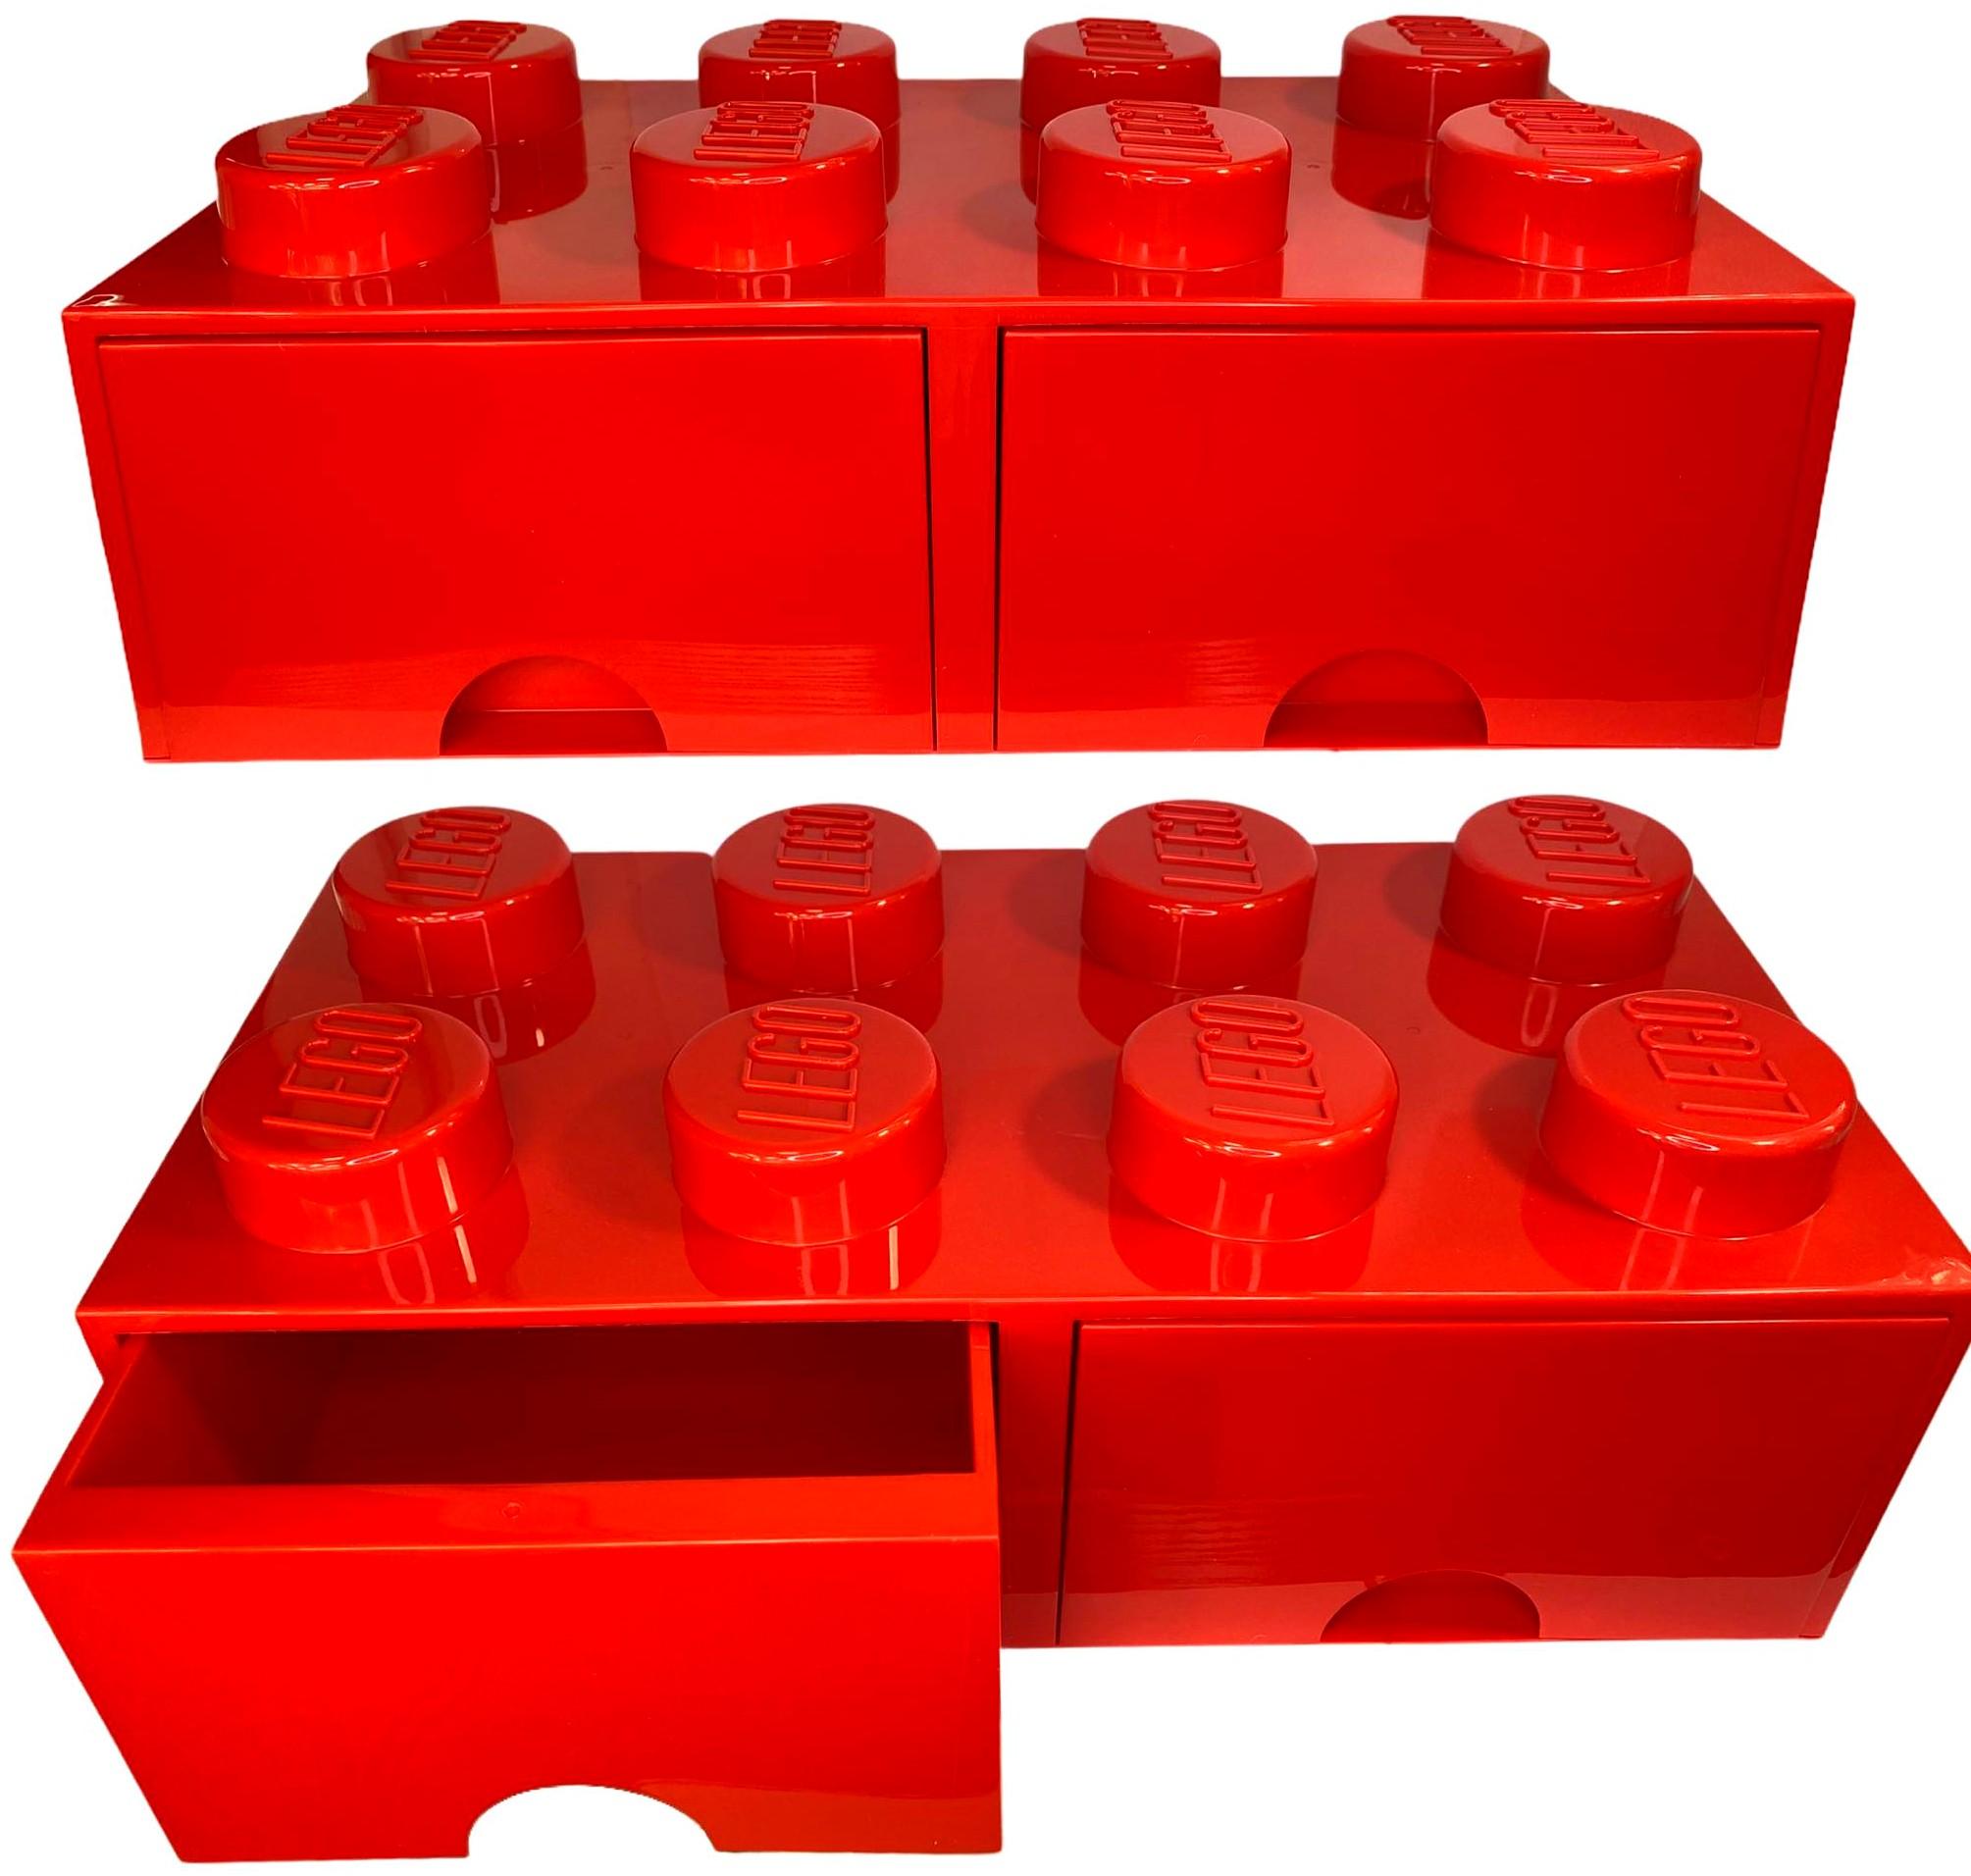 Pojemnik lego 8 szuflada czerwony na klocki prezent